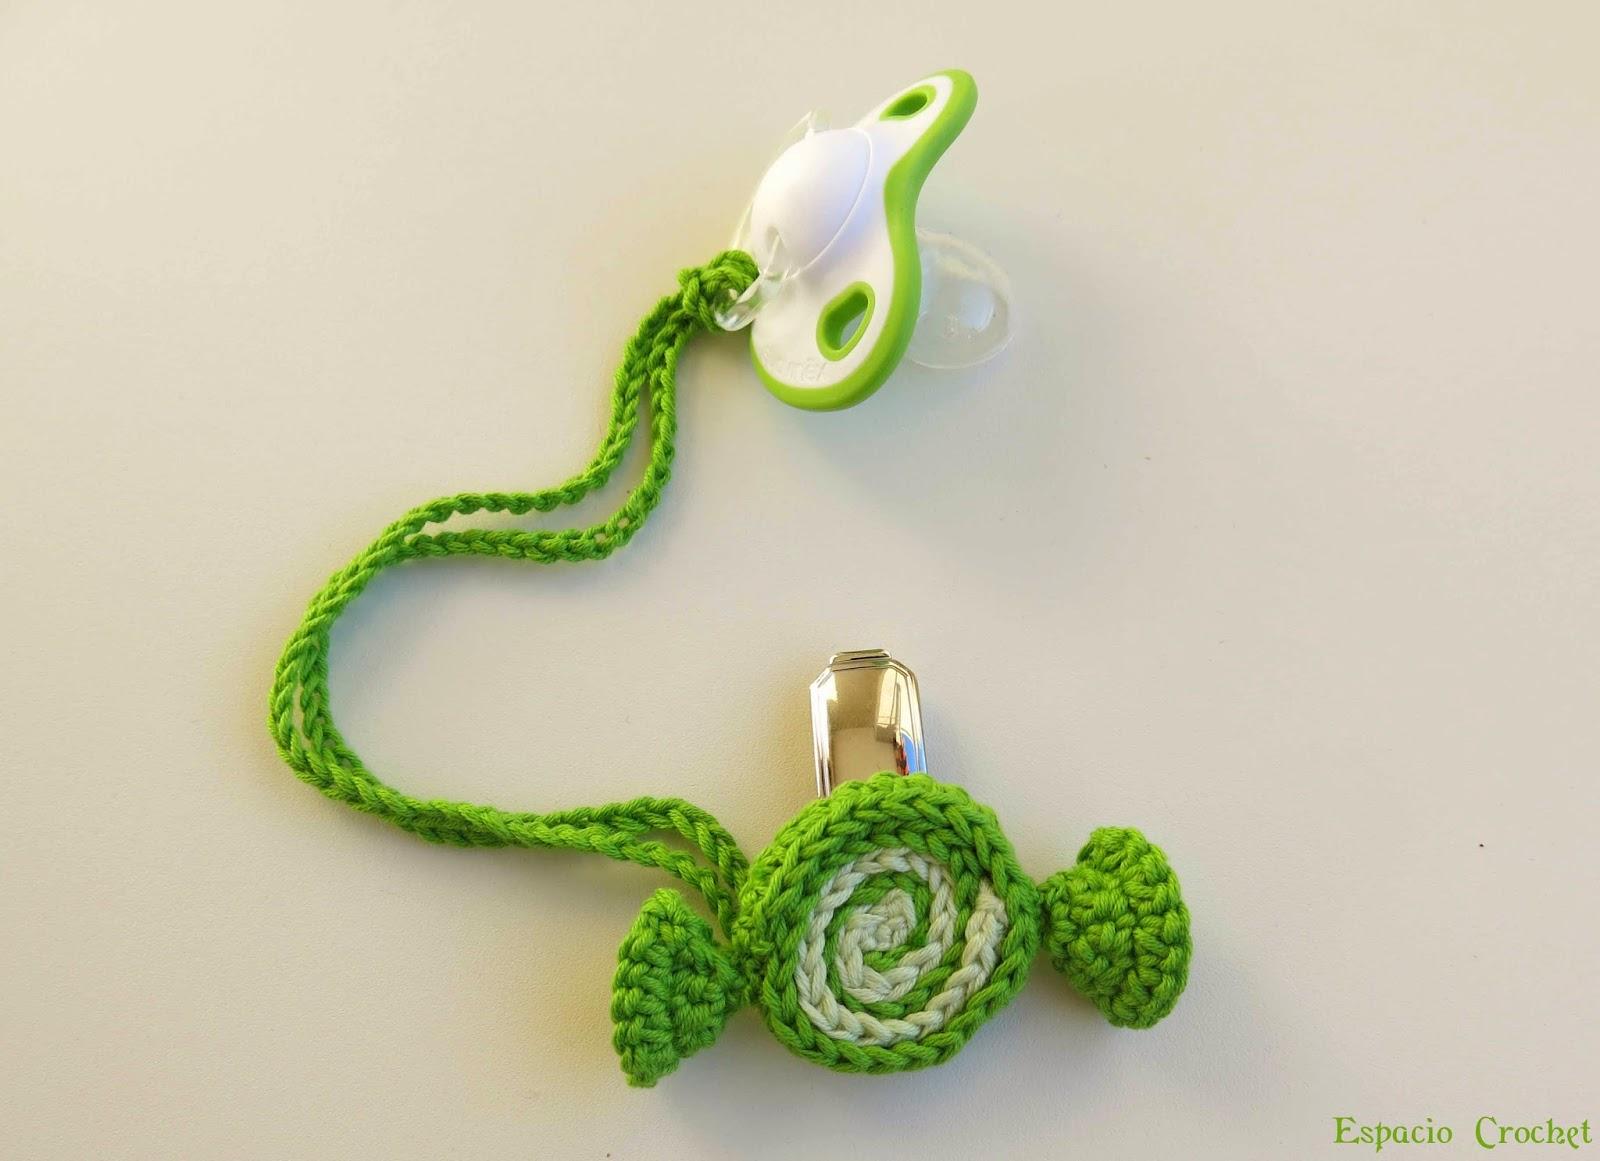 Sujeta chupete niño | Espacio Crochet